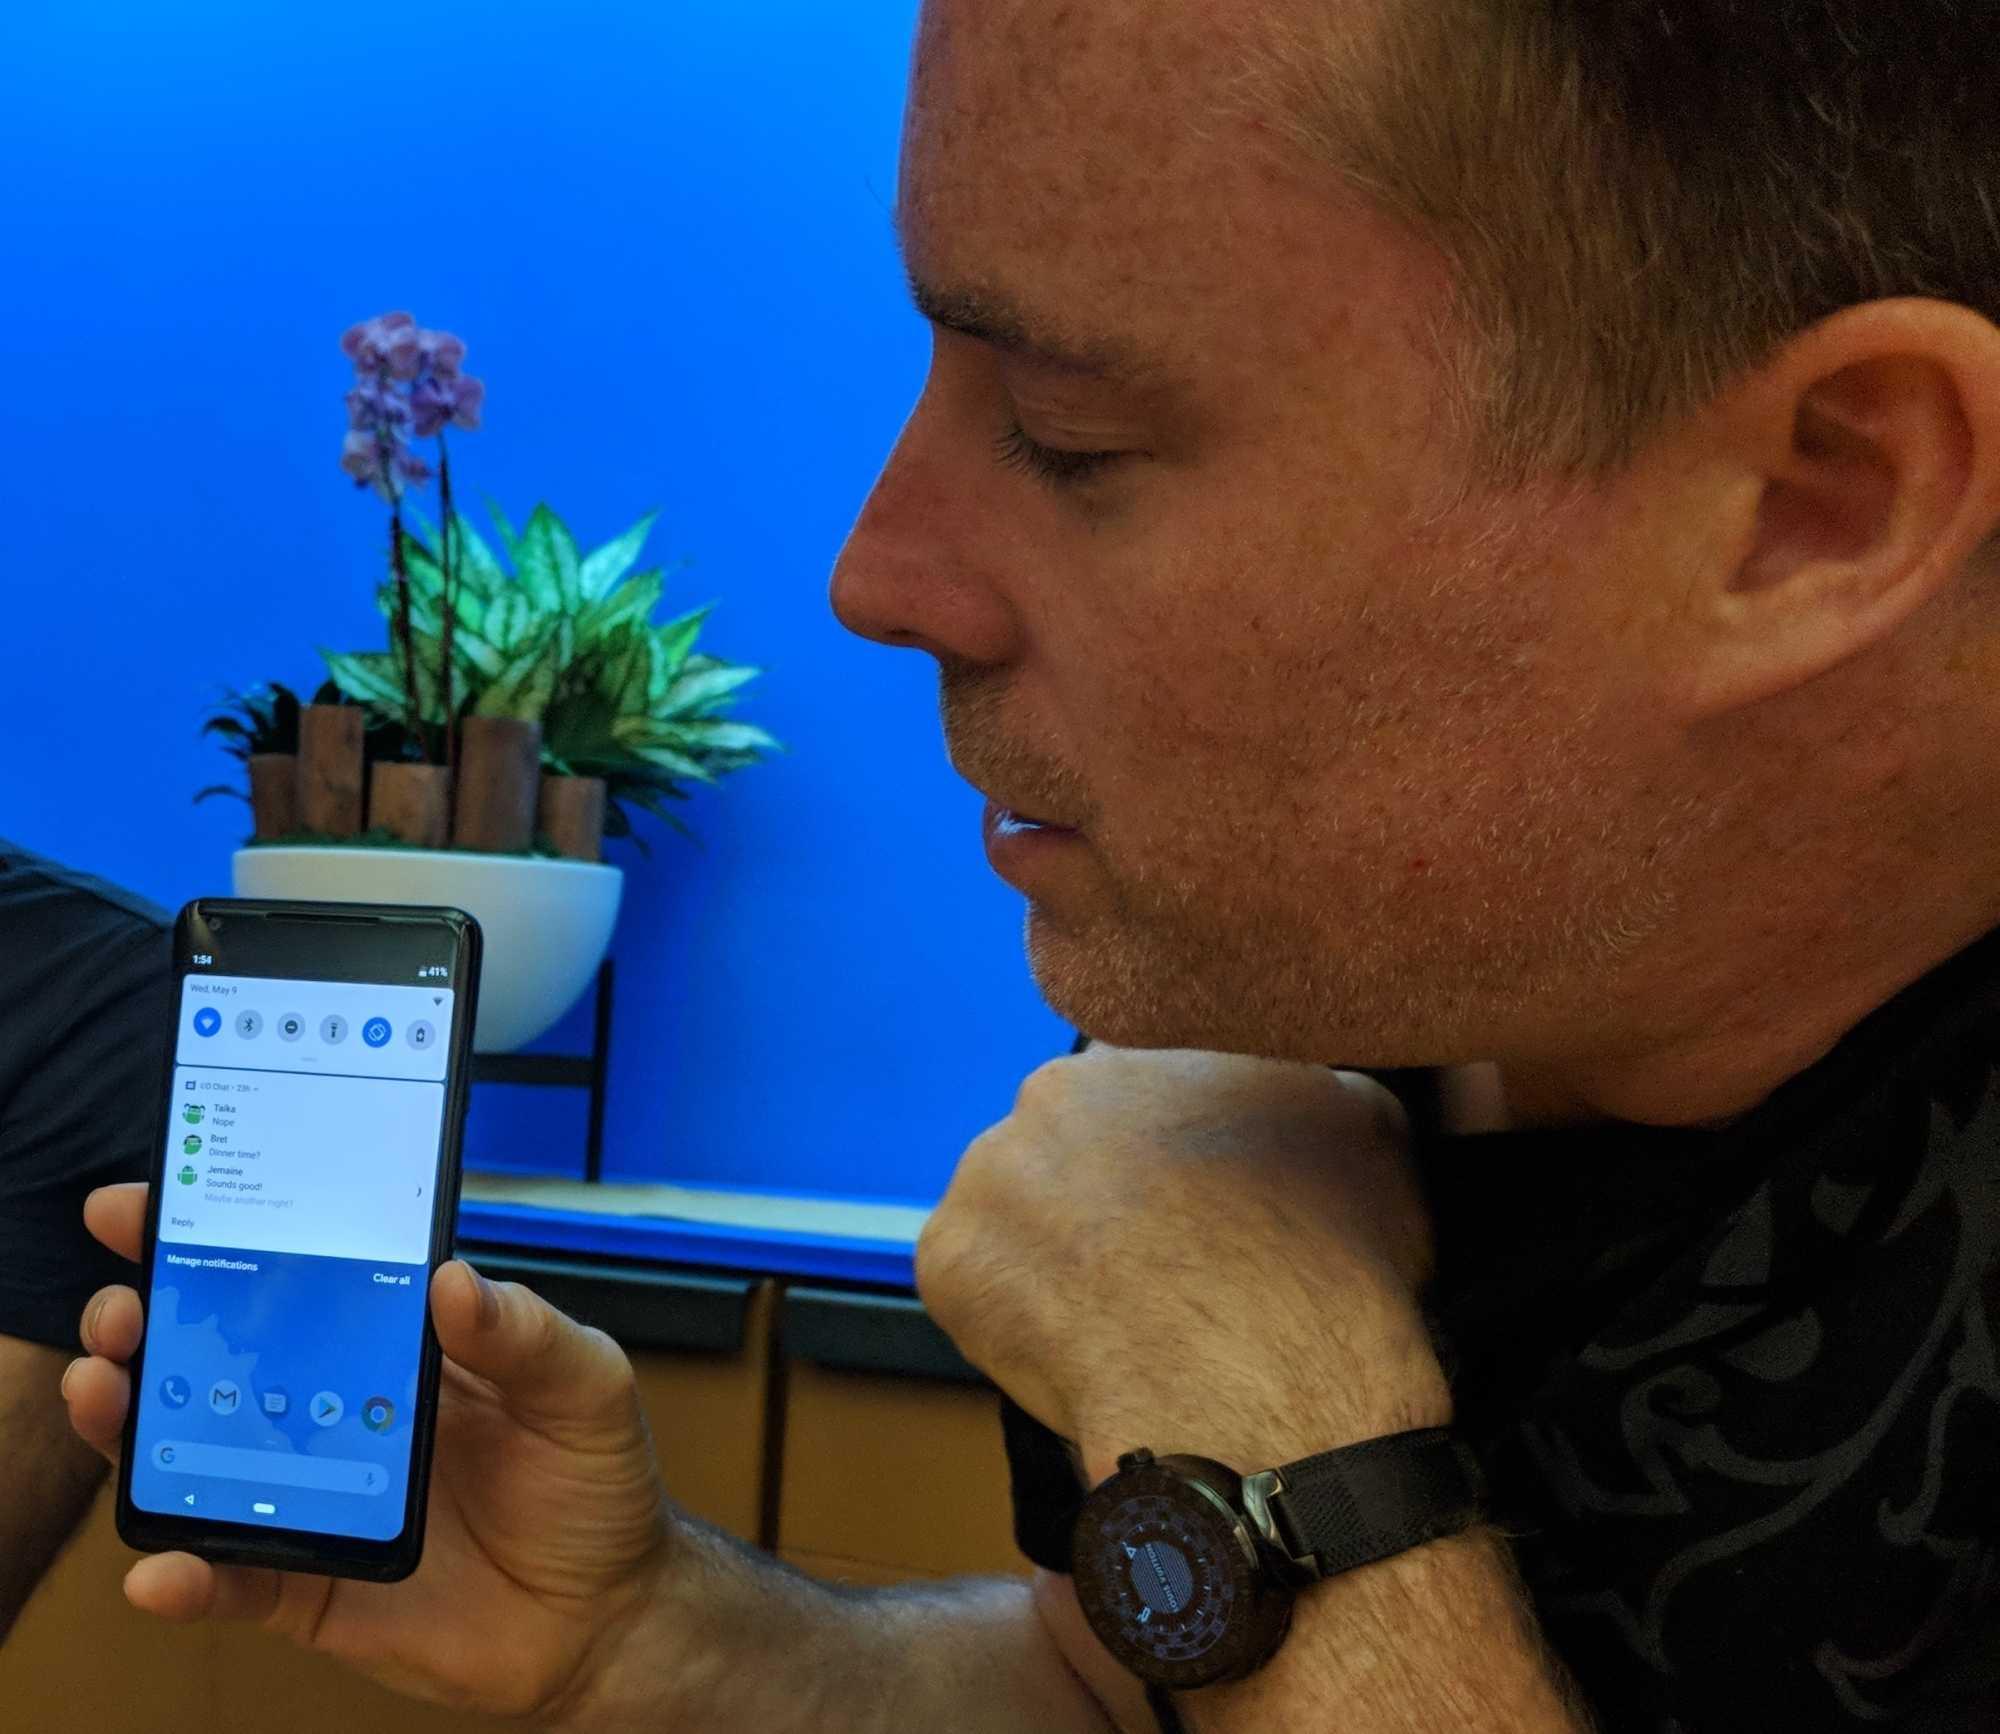 Auf Chat-Nachrichten lässt sich künftig auch in der Benachrichtigungsleiste mit von Android vorgeschlagenen Texten antworten.